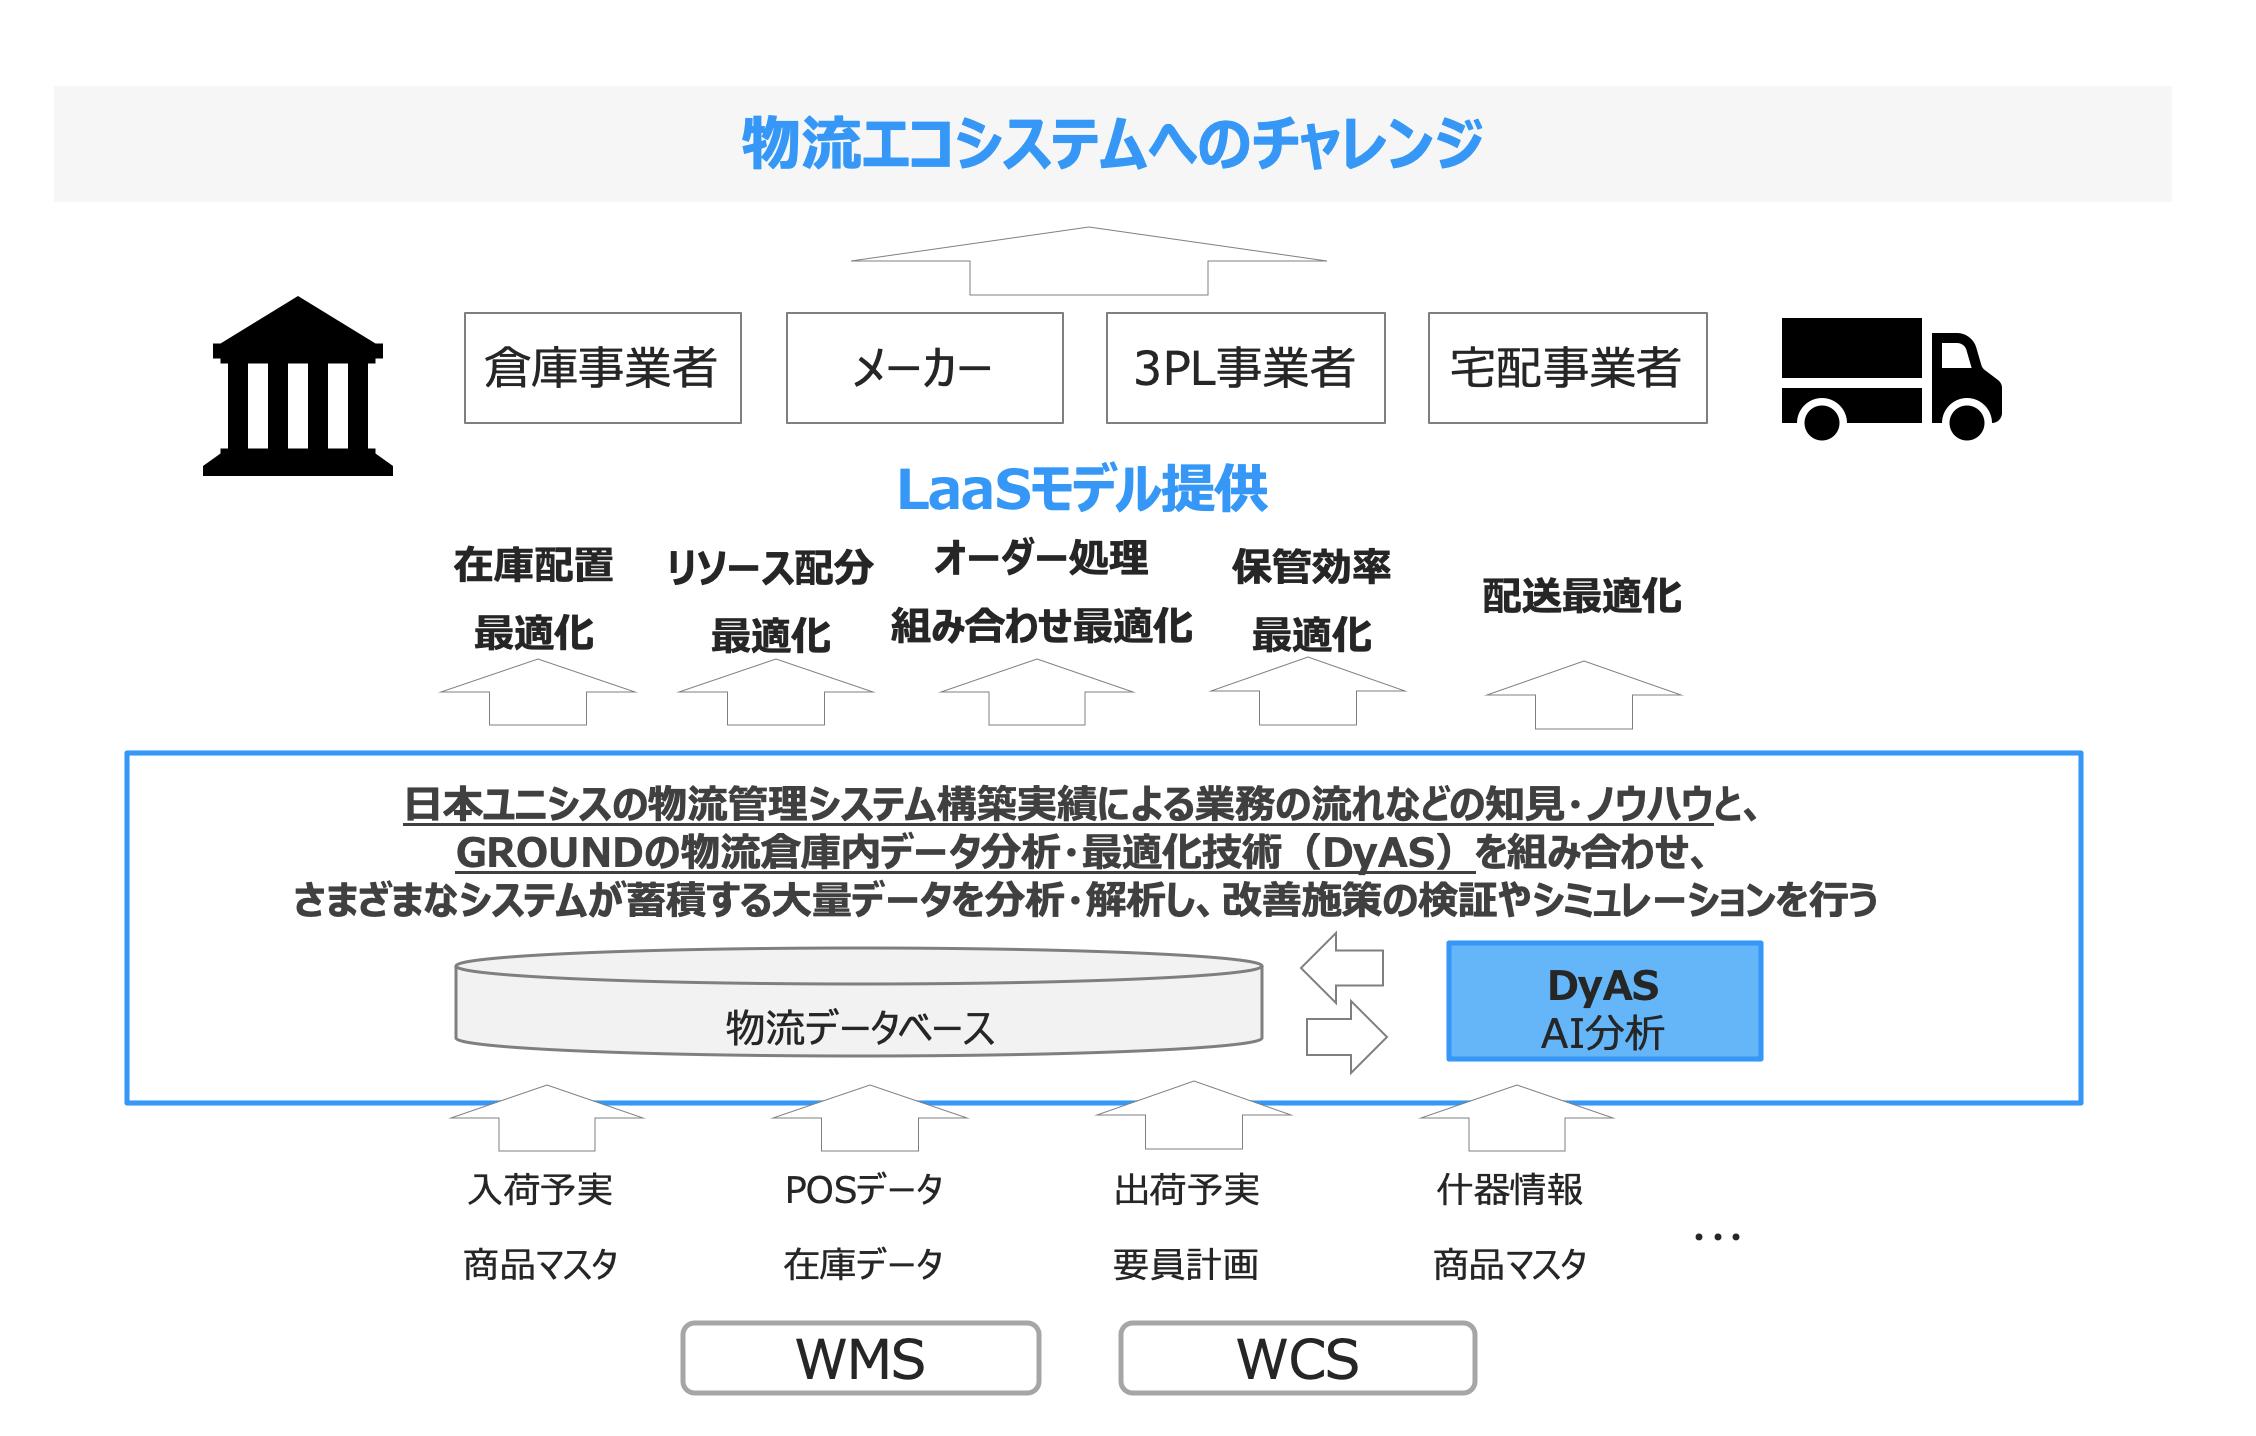 GROUND、日本ユニシス共同事業